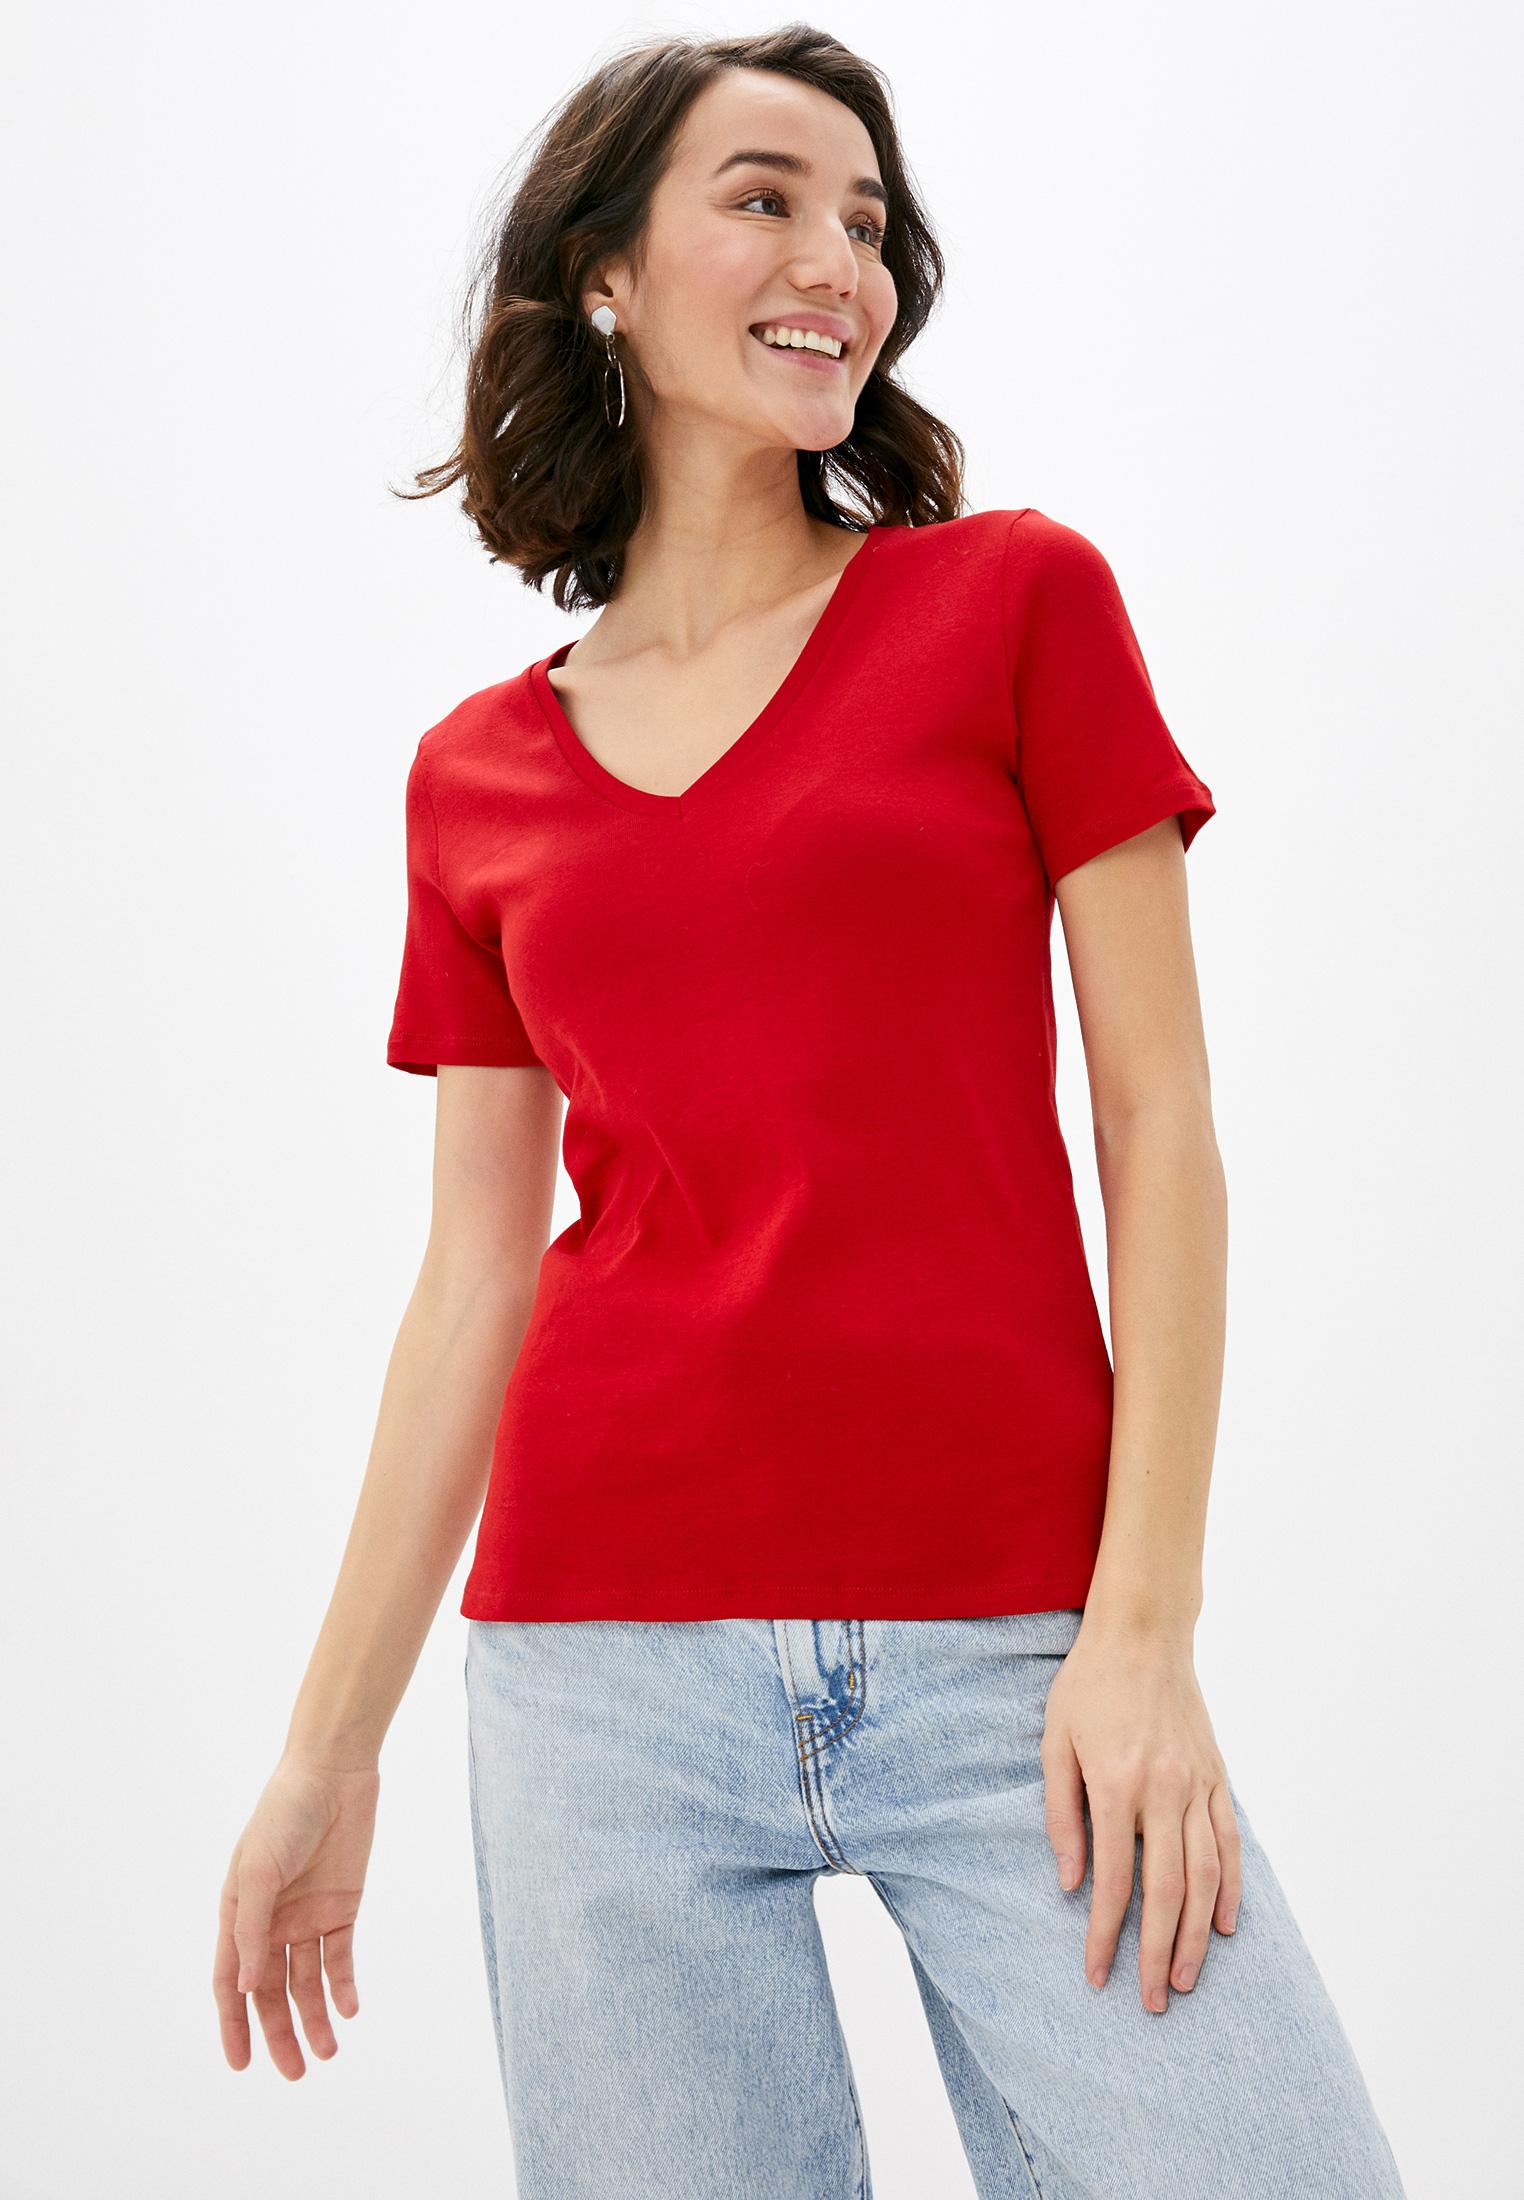 футболки бенеттон женские фото что поздравление